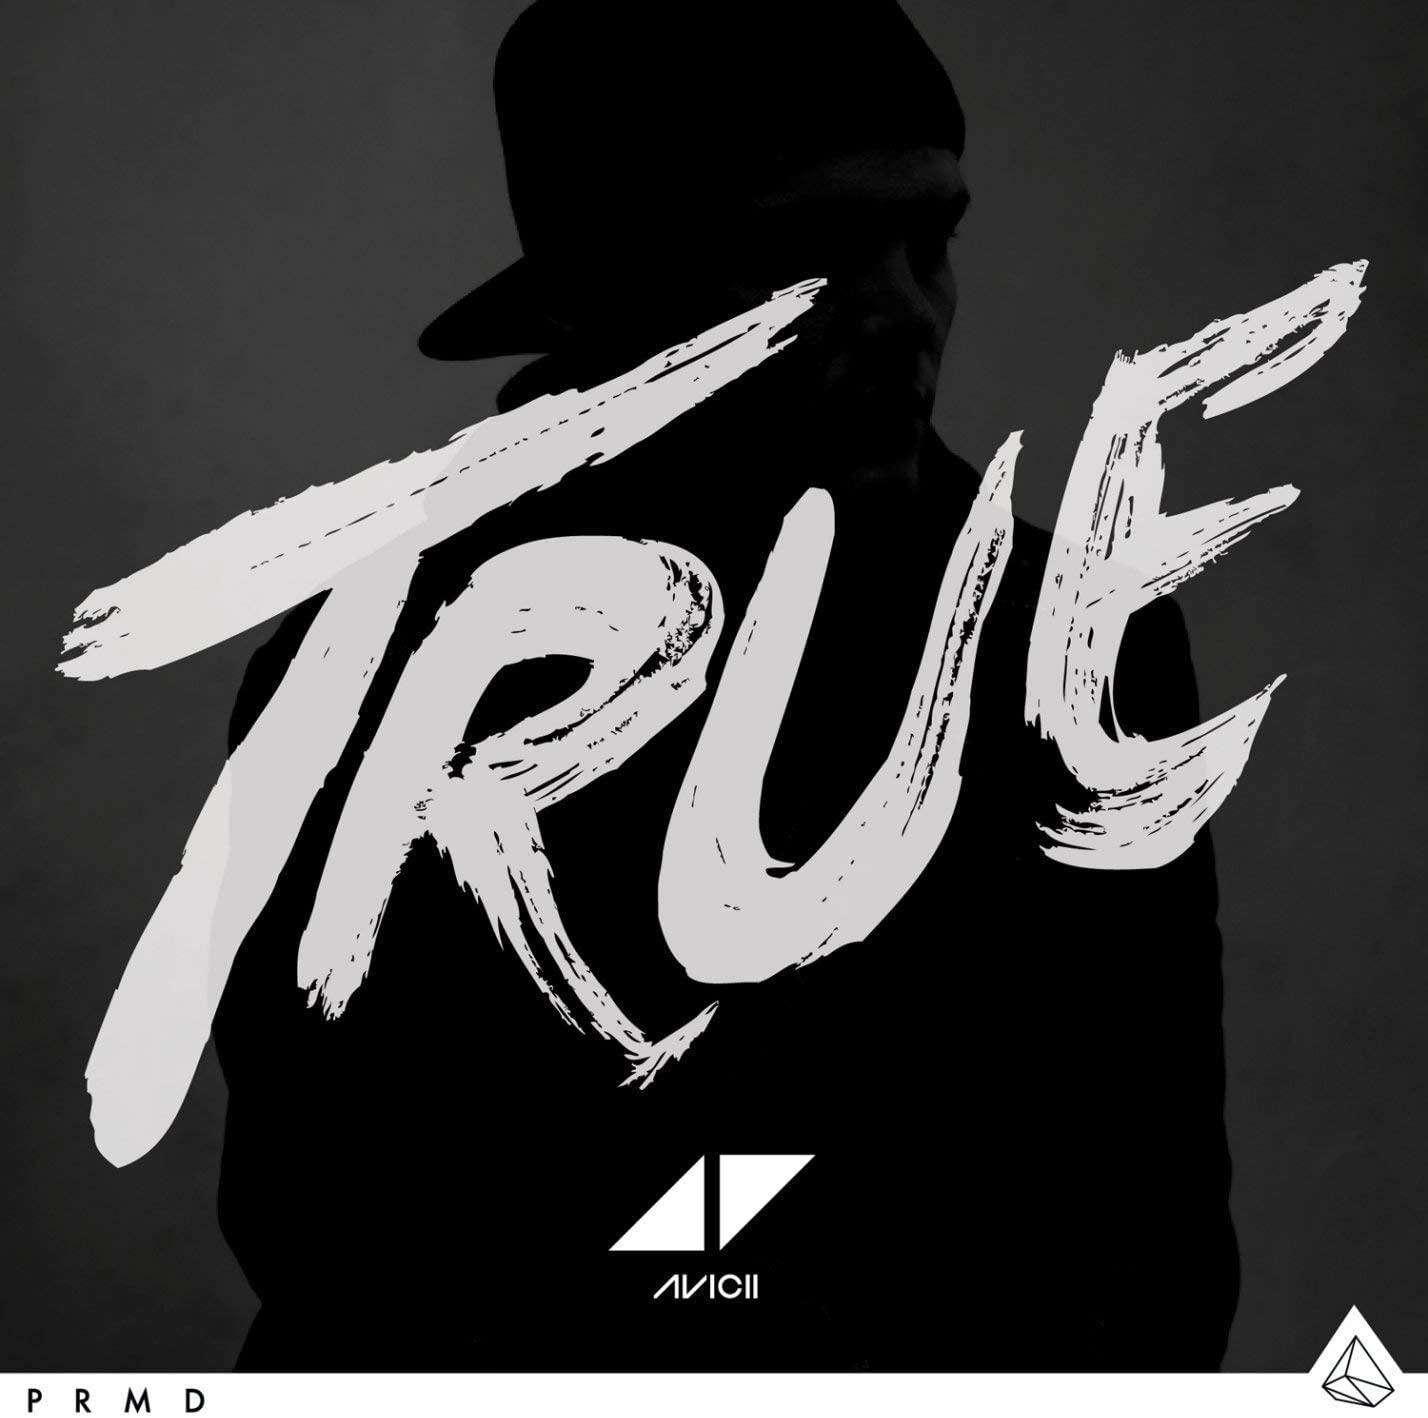 Avicii - True (Vinyl) @AmazonNL